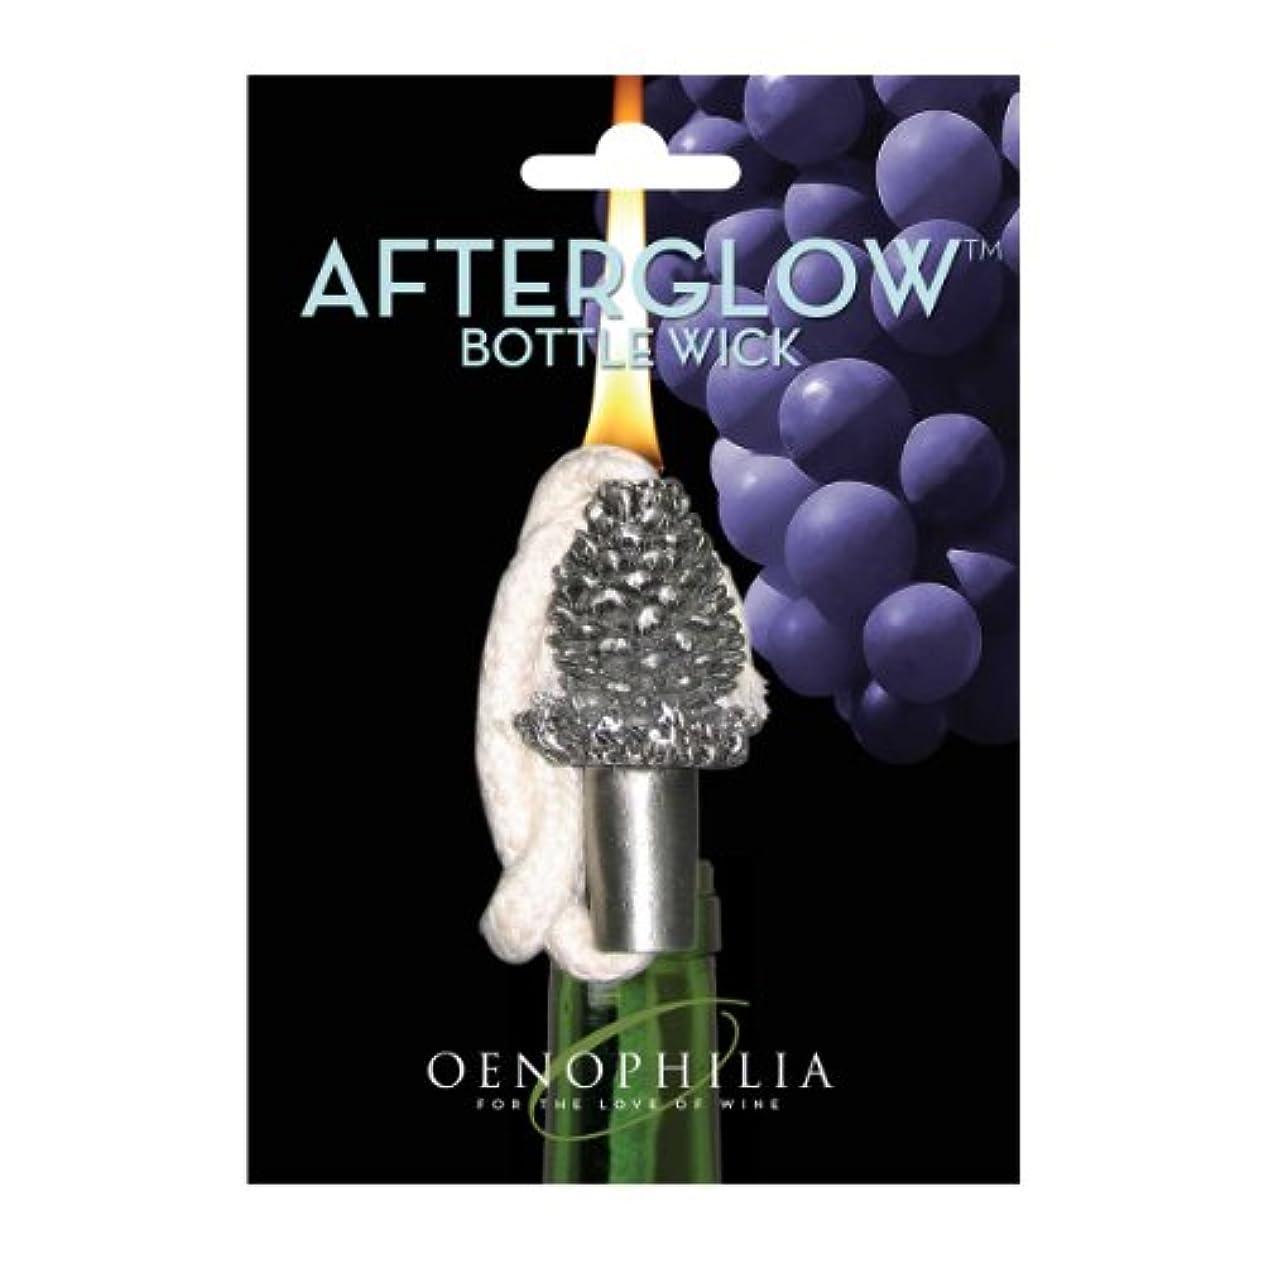 できない冷淡なギャングOenophilia Afterglow Bottle Wick - Pinecone by Oenophilia [並行輸入品]